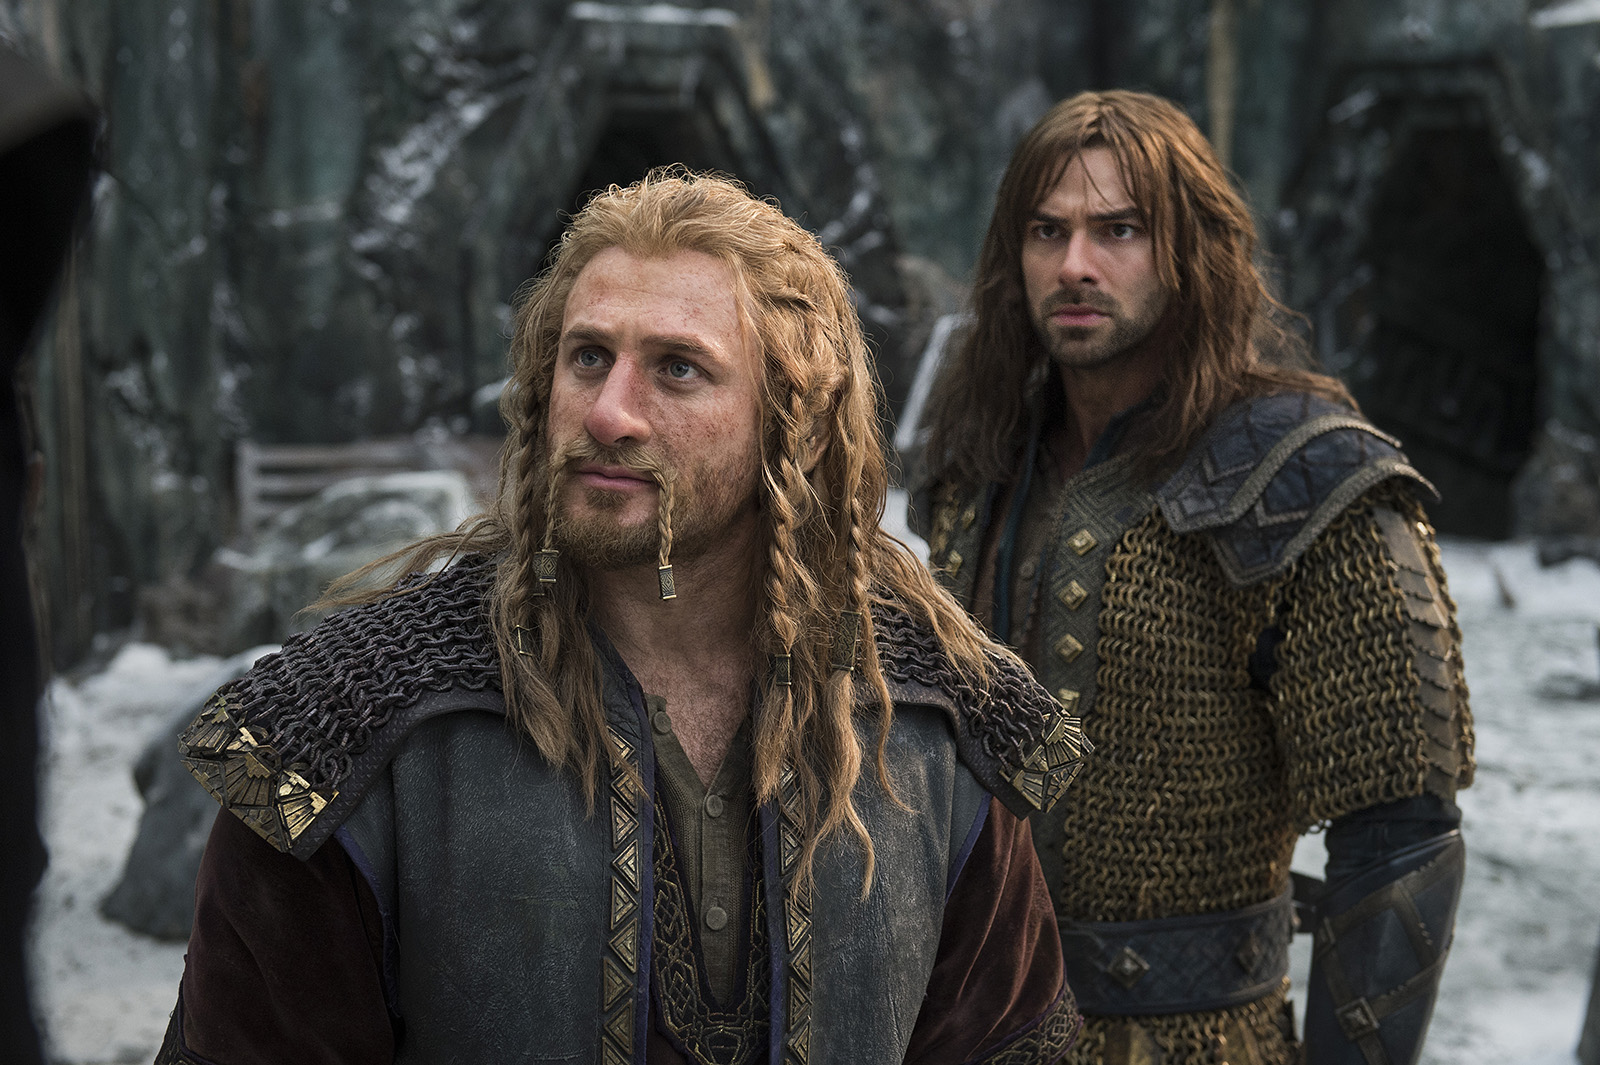 Der Hobbit Die Schlacht Der Fünf Heere Kinox.To